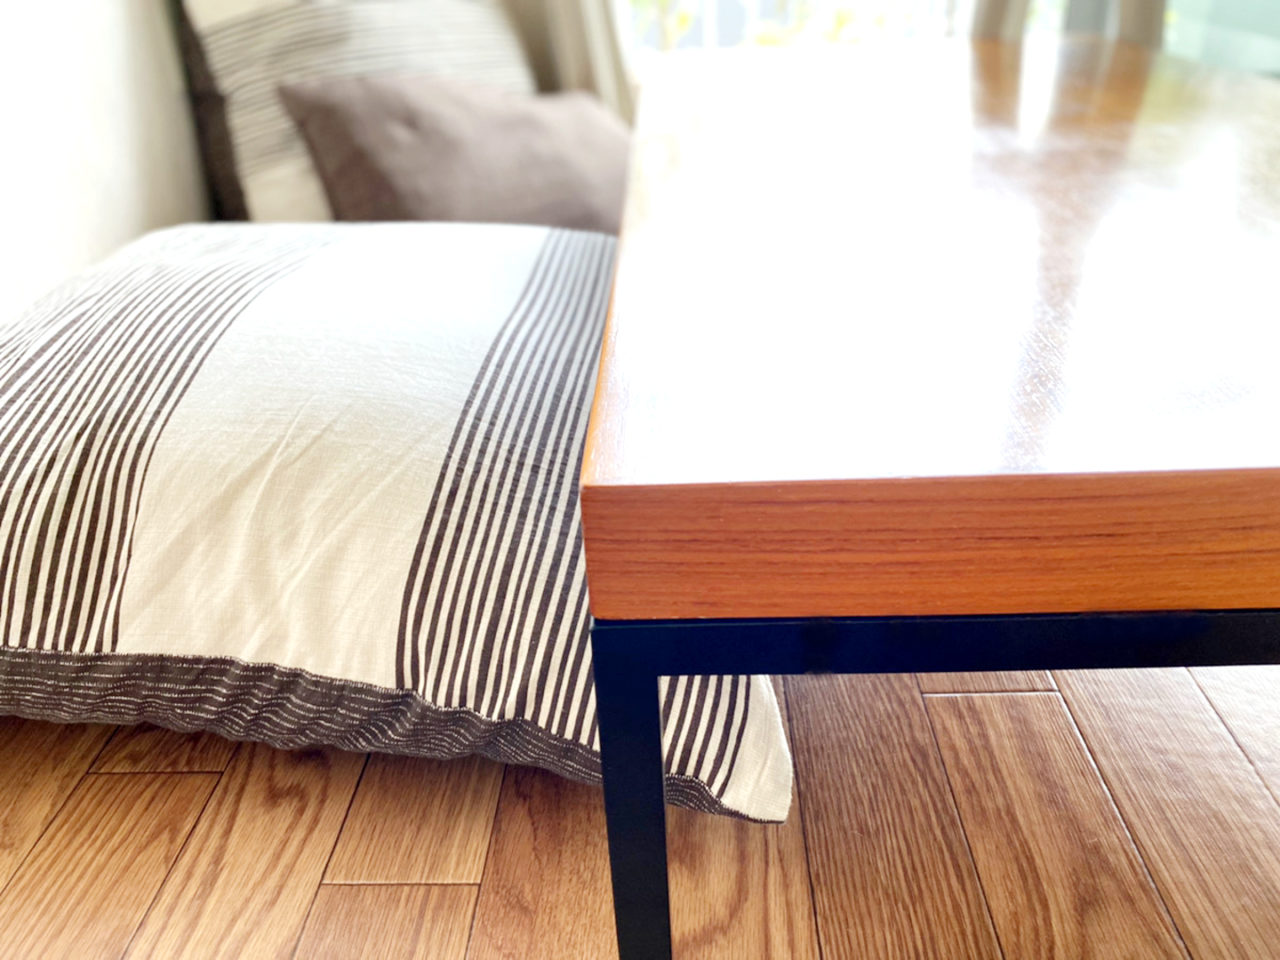 ローテーブルと床生活